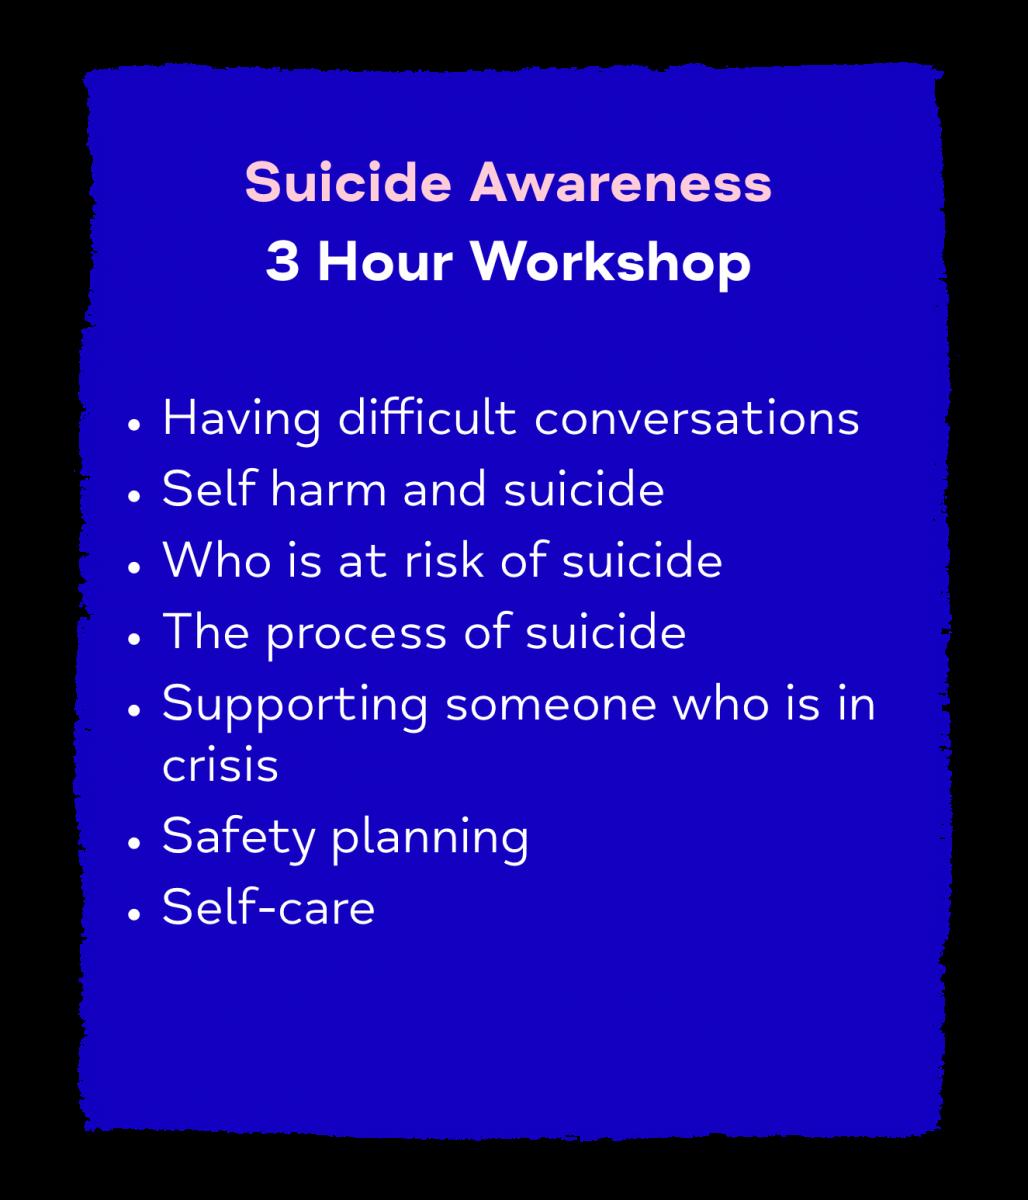 Suicide Awareness 3 Hour Workshop